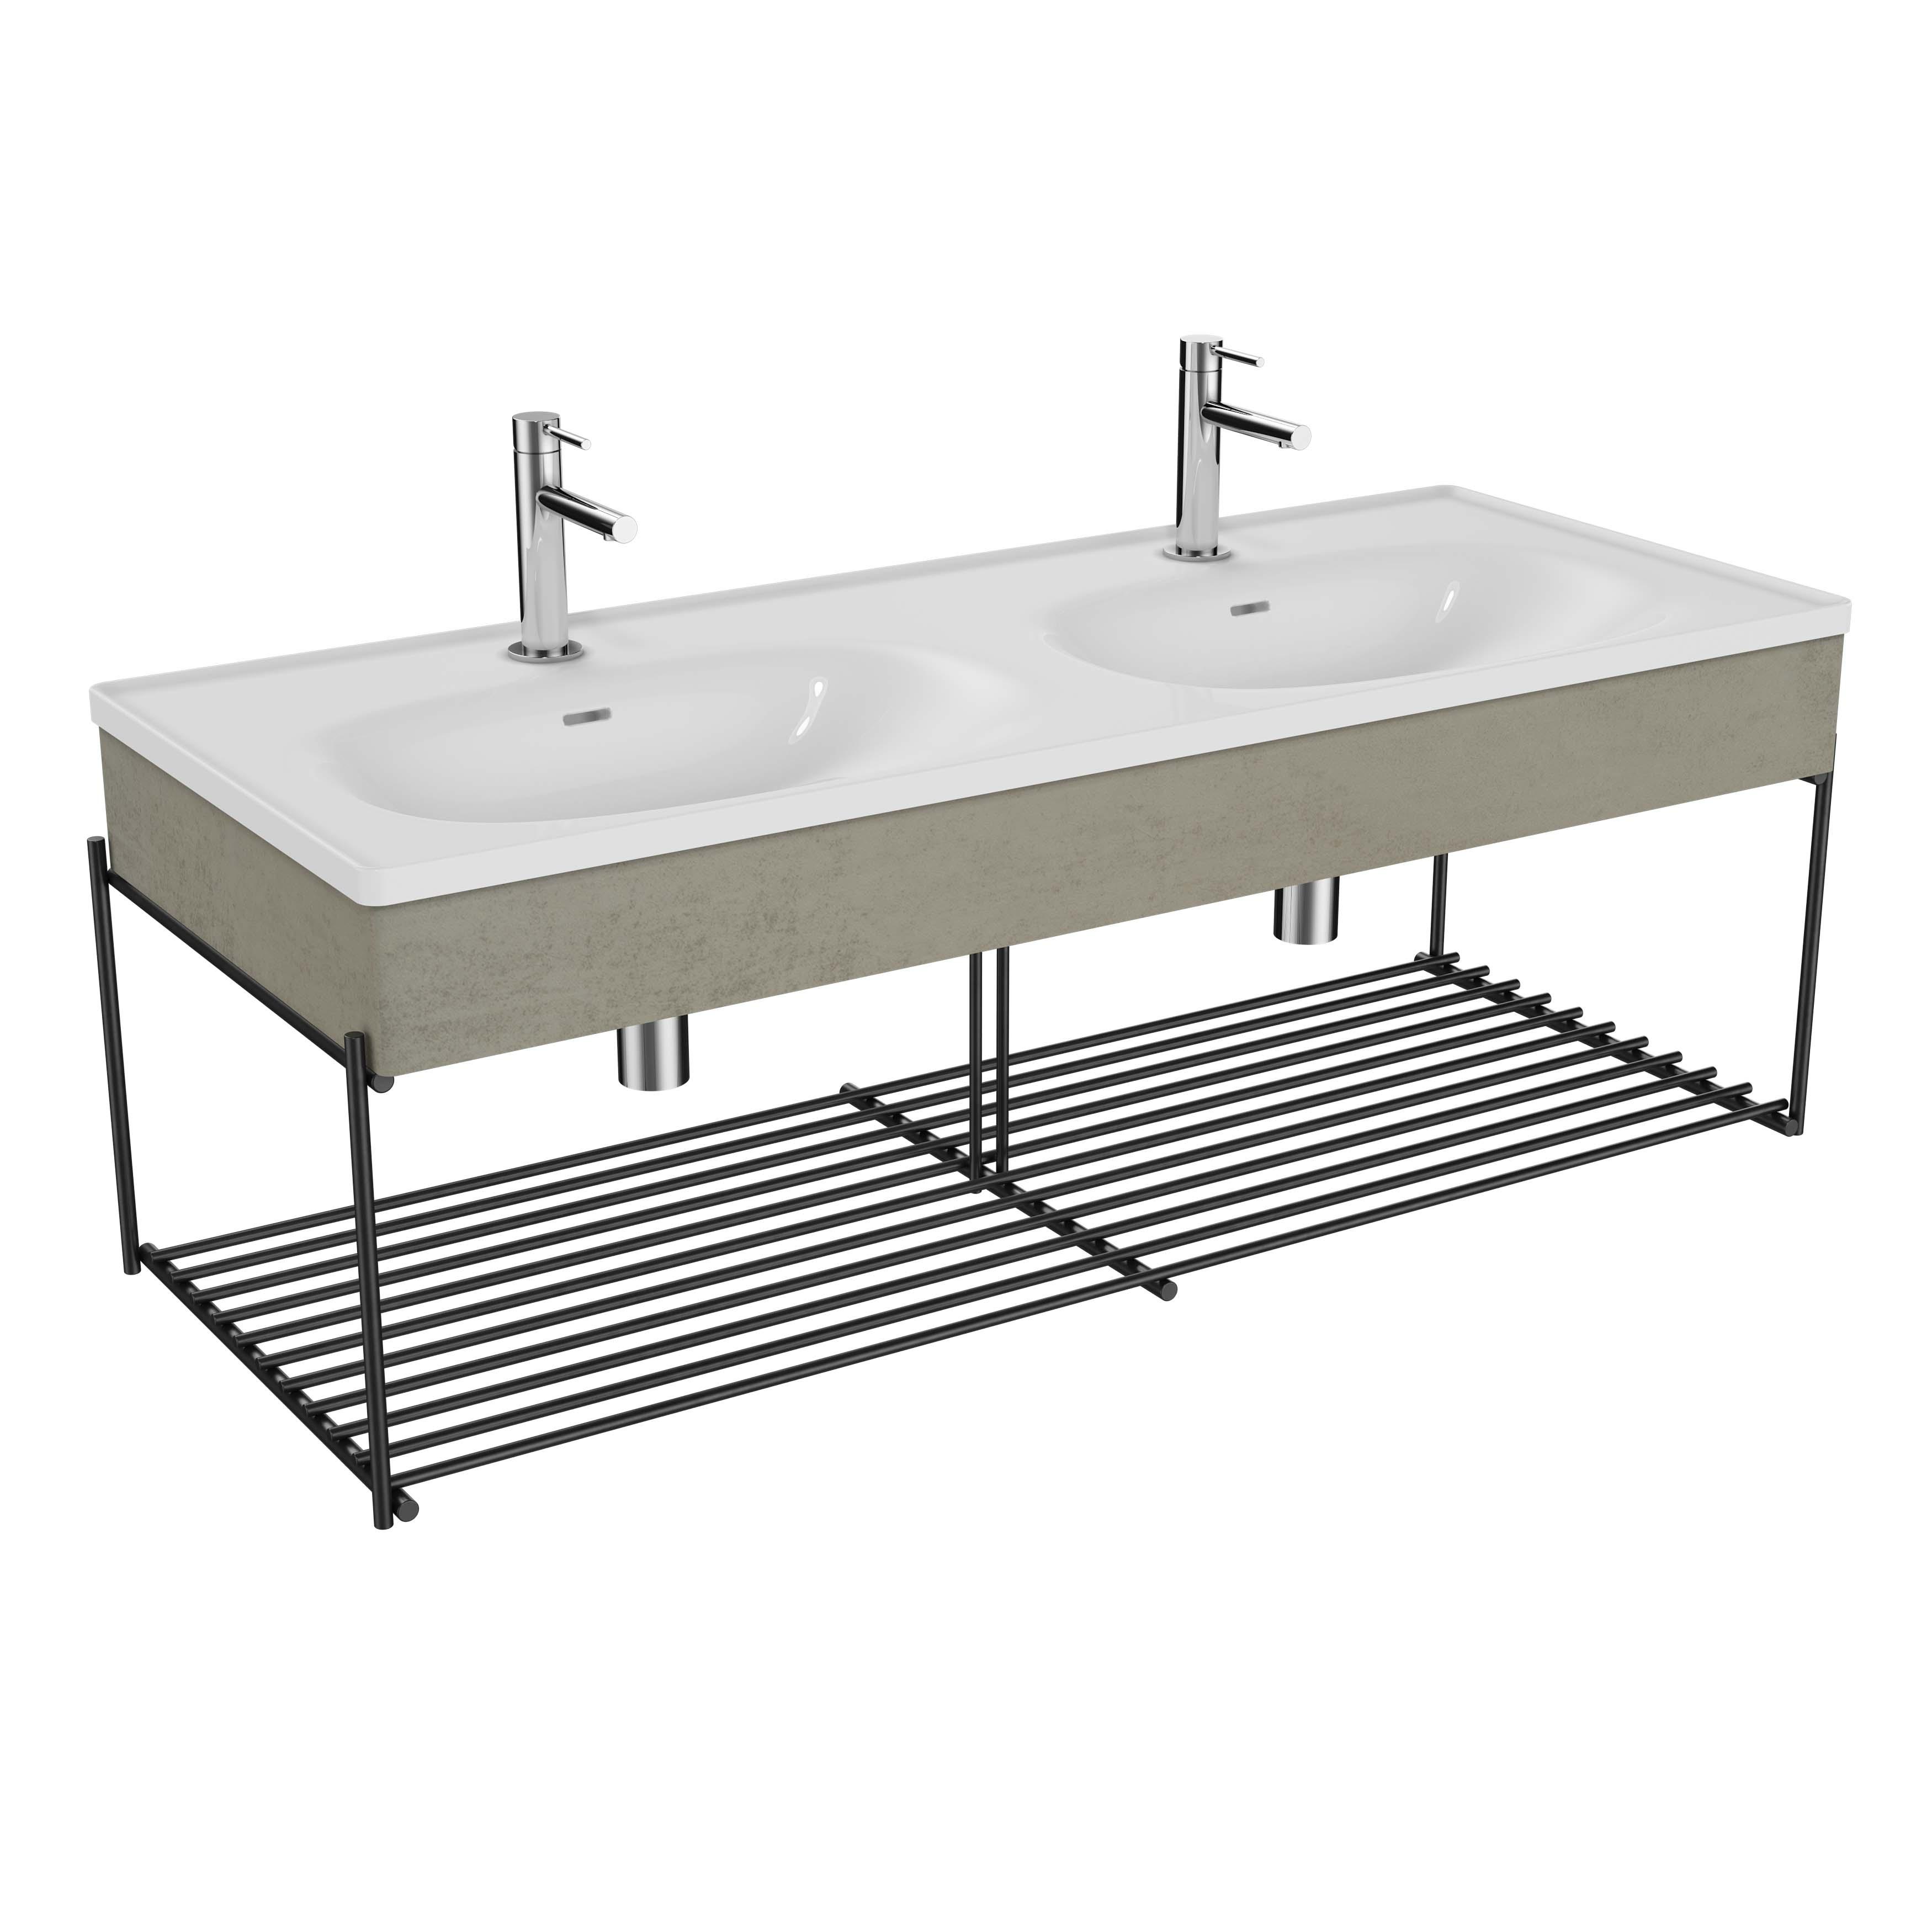 Equal plan céramique, lavabo double, panneau en bois, etagère, 130 cm, gris pierre mat / béton